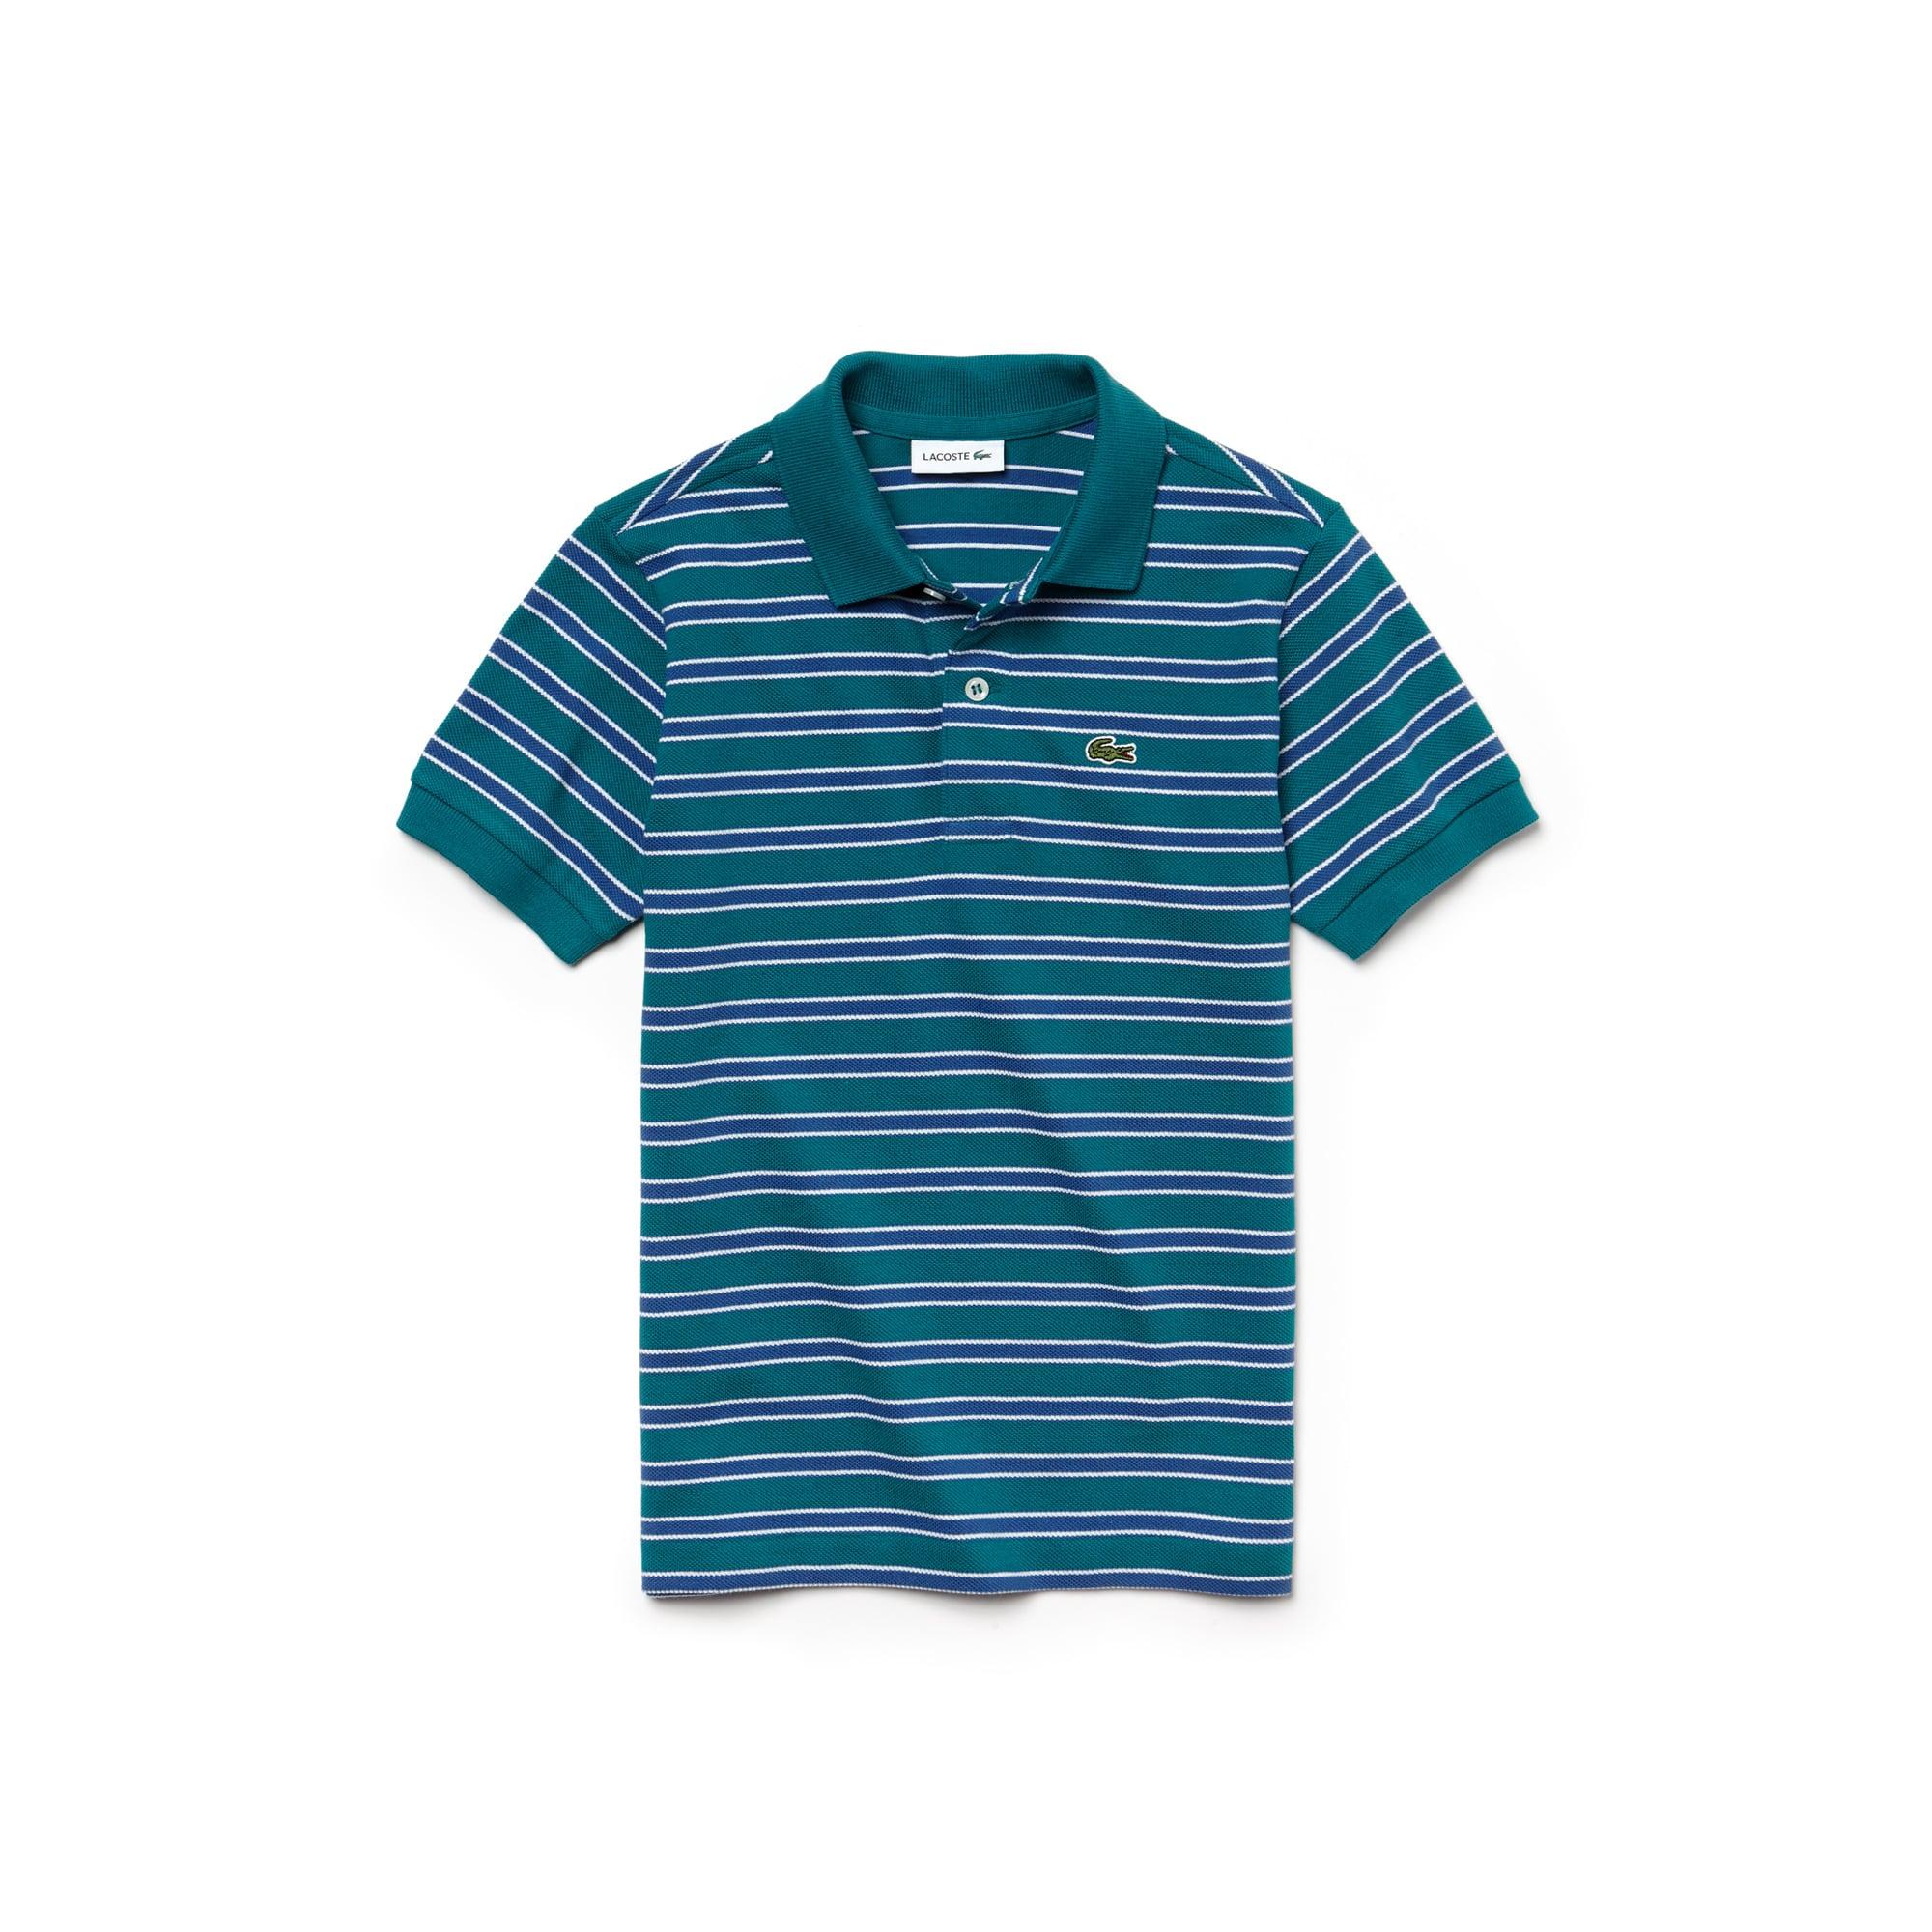 Boys' Lacoste Striped Cotton Piqué Polo